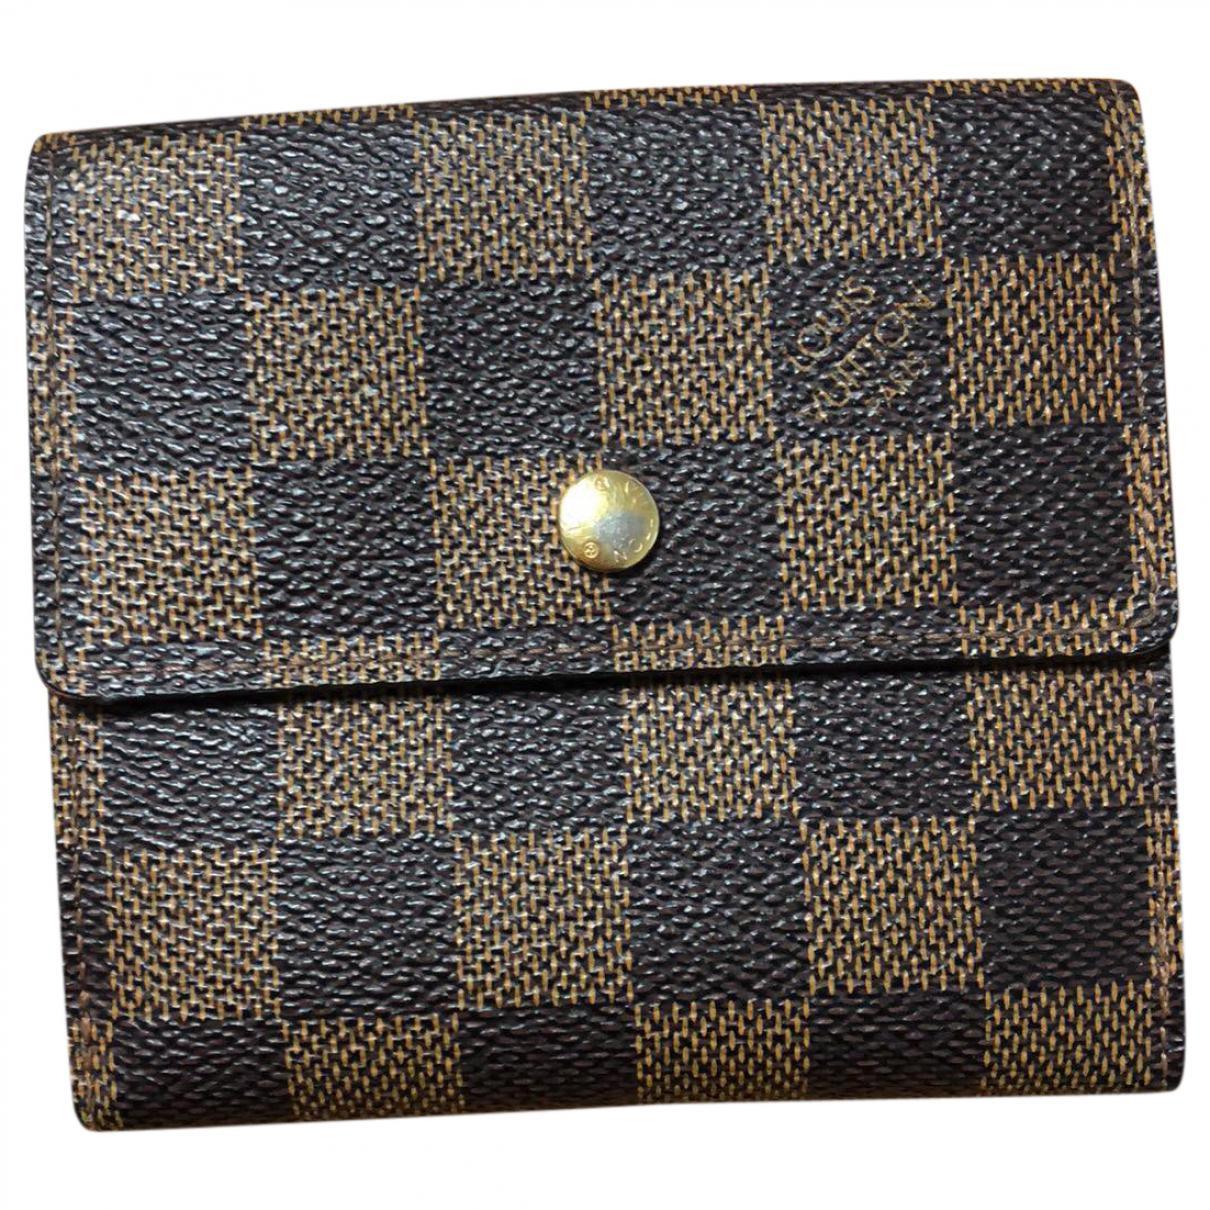 5d4a29d327e7 Lyst - Porte-cartes en cuir Louis Vuitton en coloris Marron